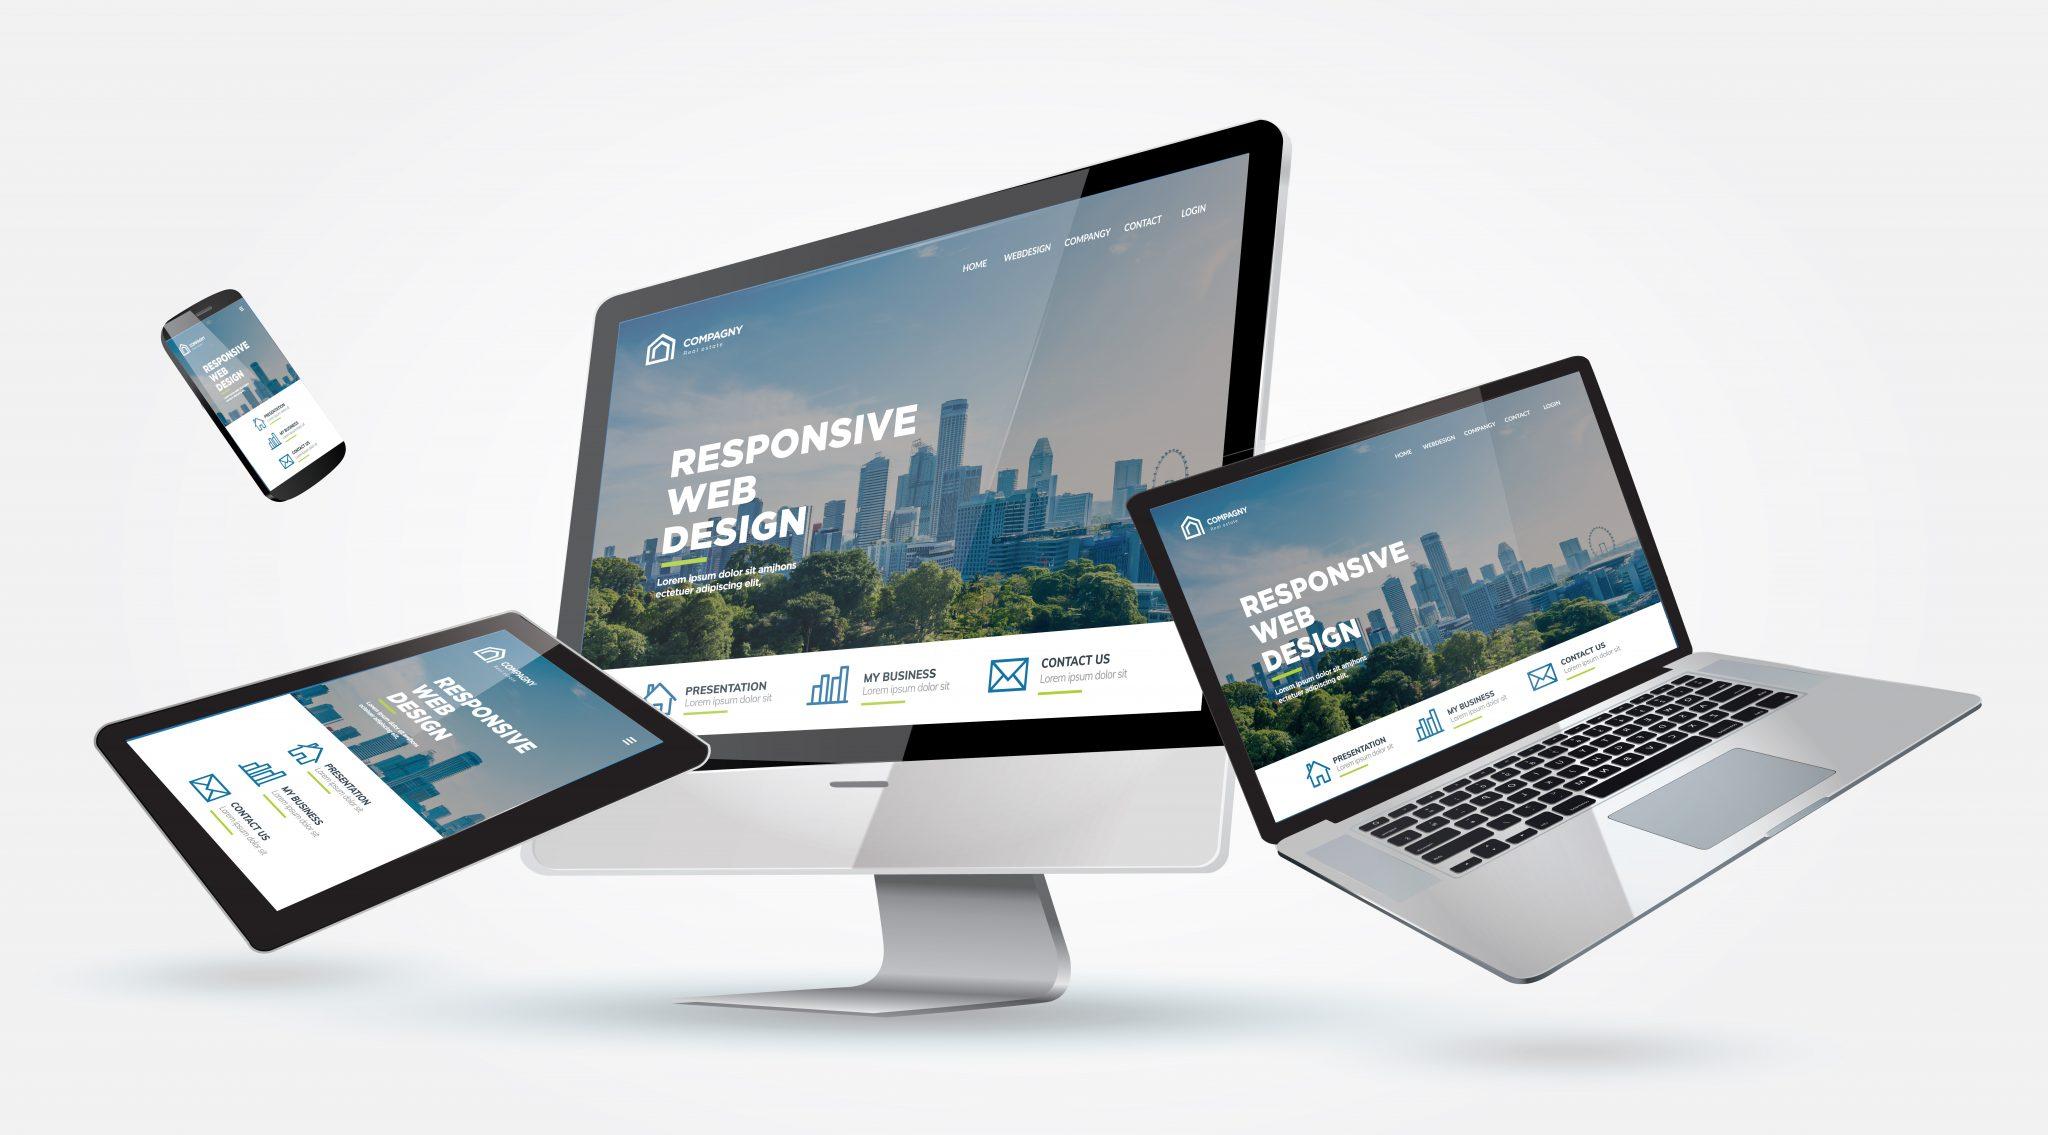 ออกแบบเว็บไซต์ รับออกแบบเว็บไซต์